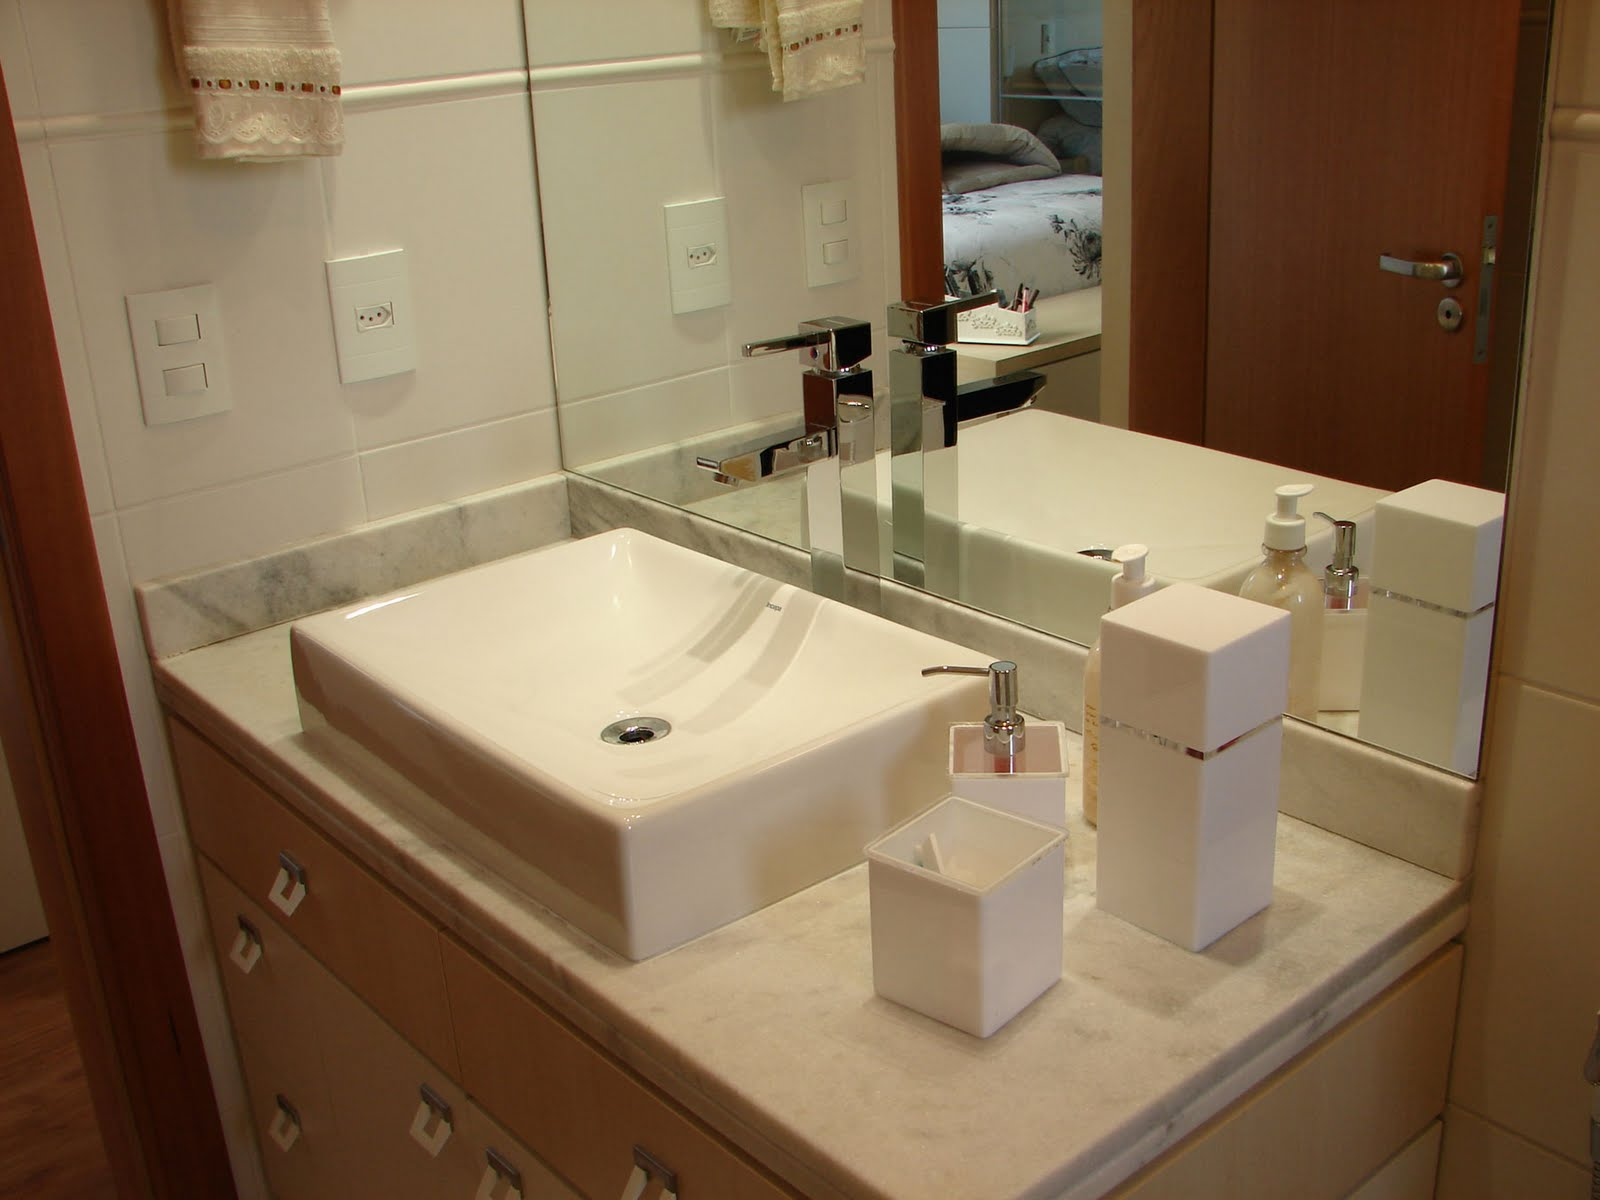 Projeto De Banheiro Com Duas Cubas  cgafghanscom banheiros pequenos e modernos -> Cuba Para Banheiro Thema